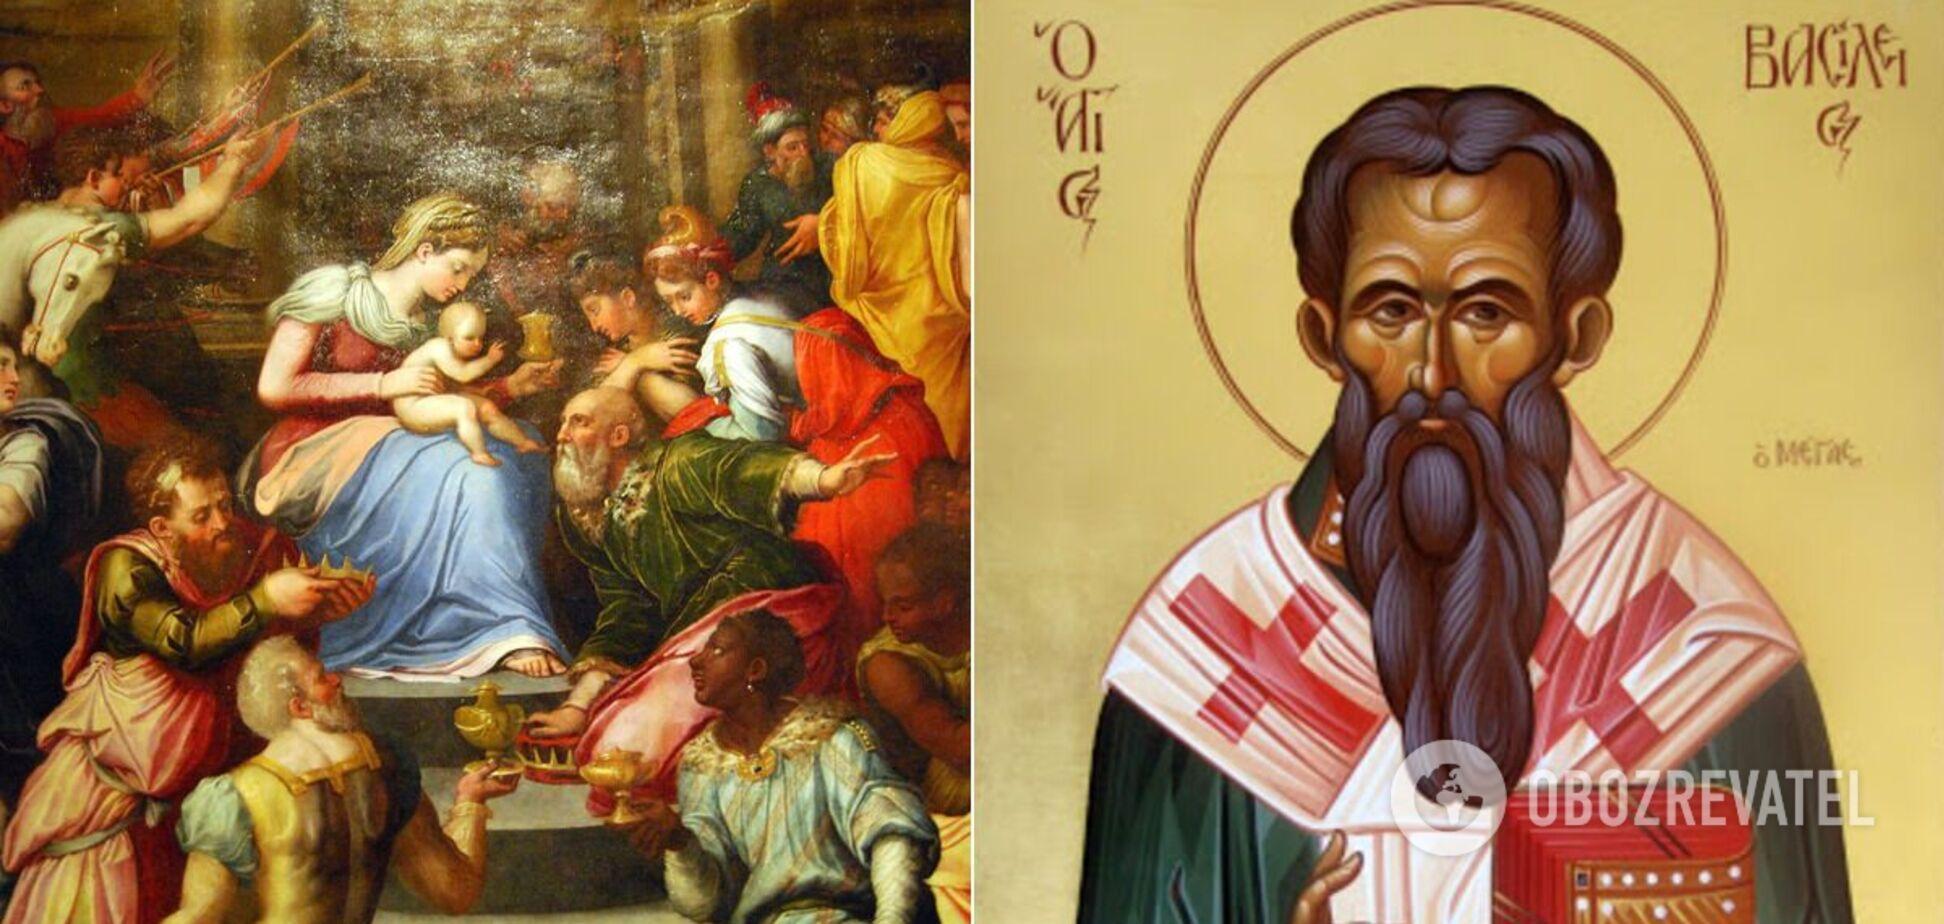 В январе 2021 года отмечаются Рождество Христово, Крещение и другие праздники